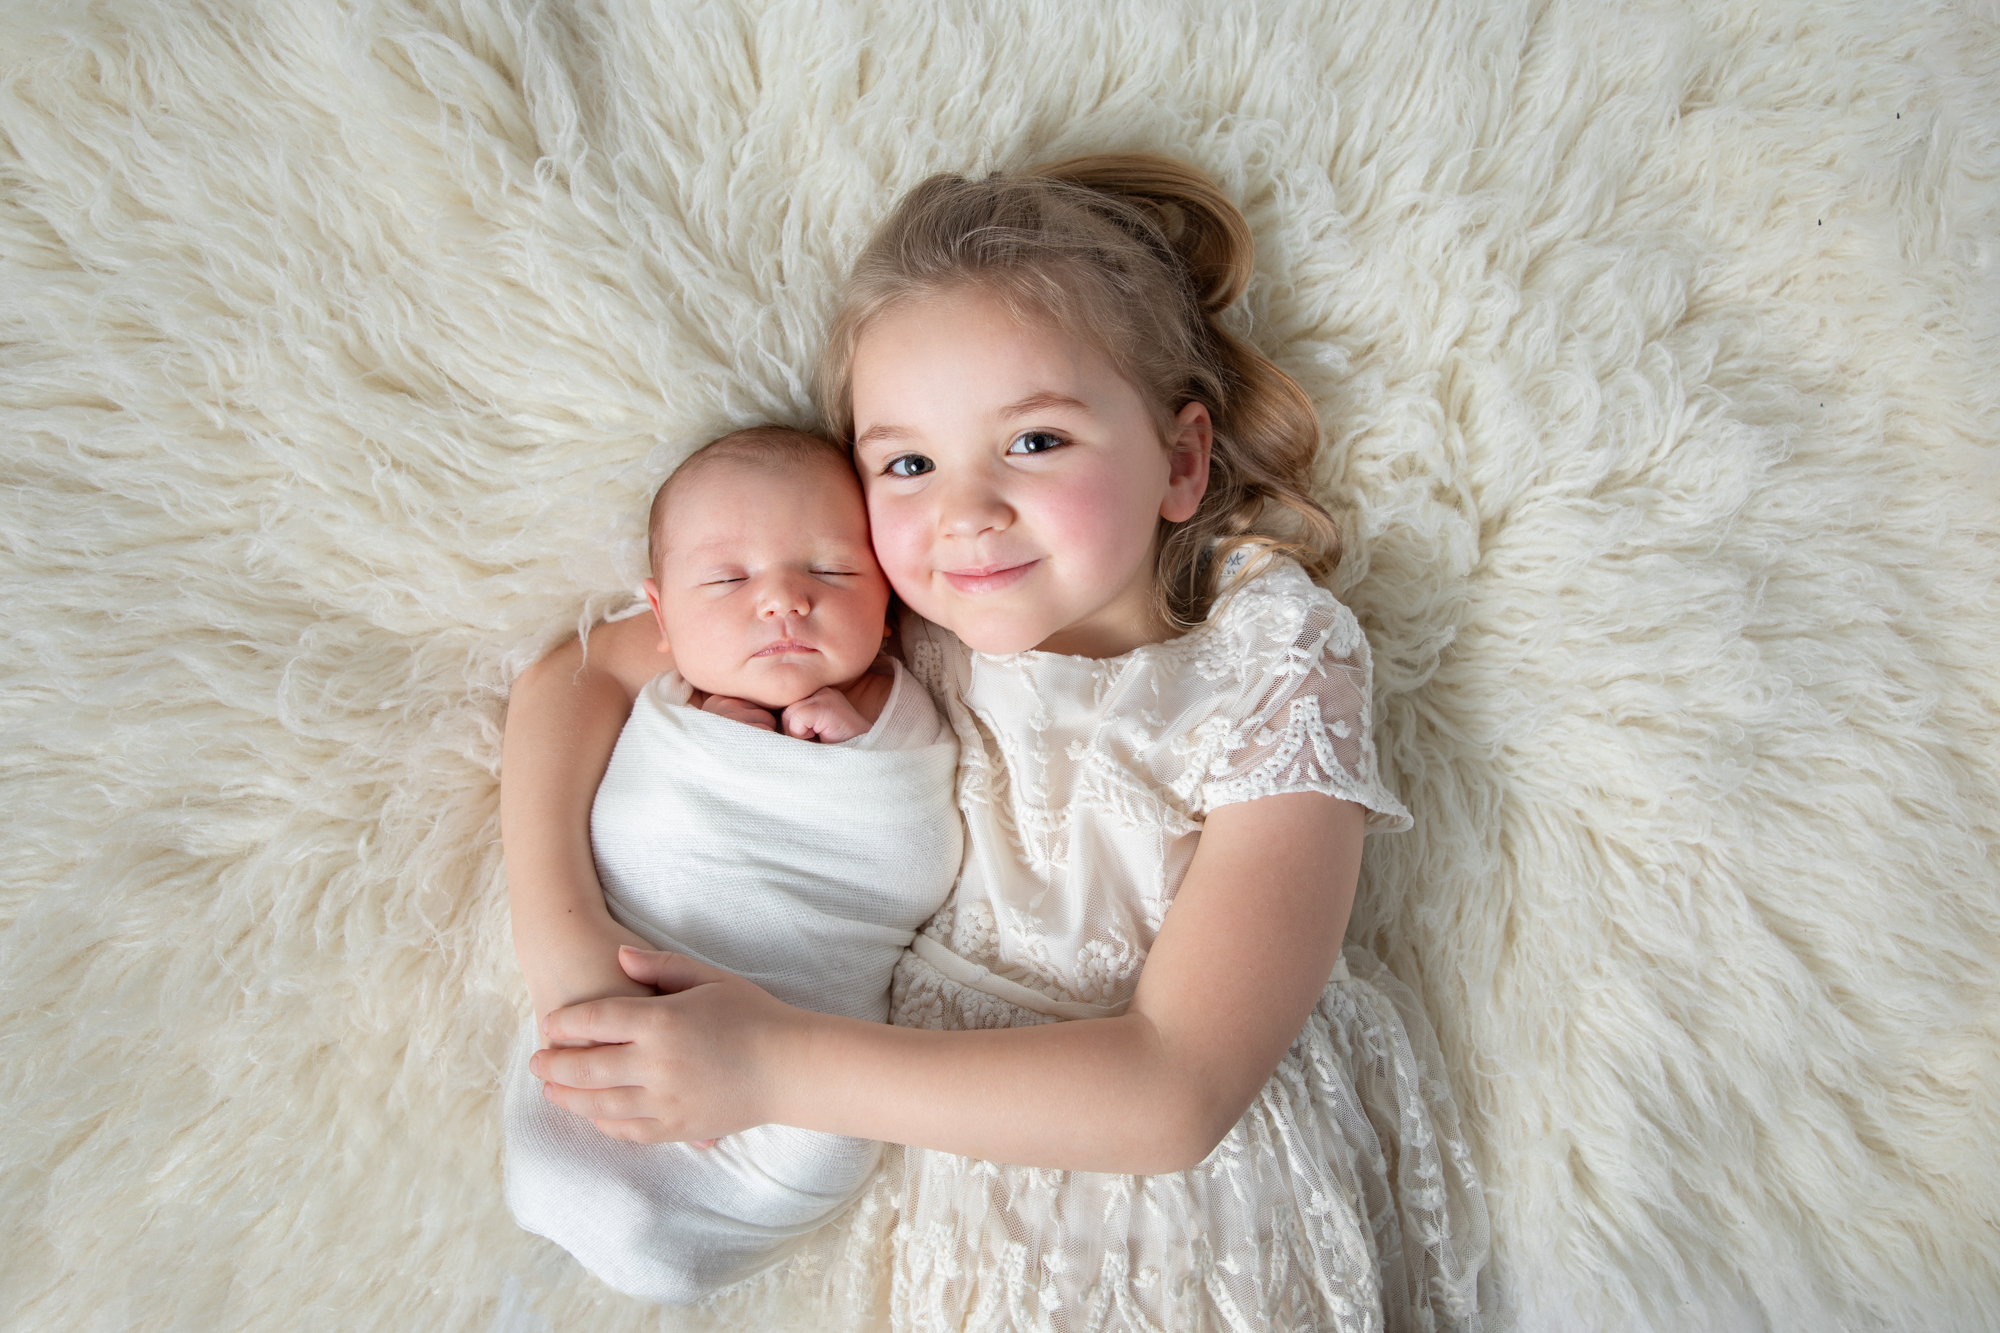 Newborn photography Dulwich SE21 London